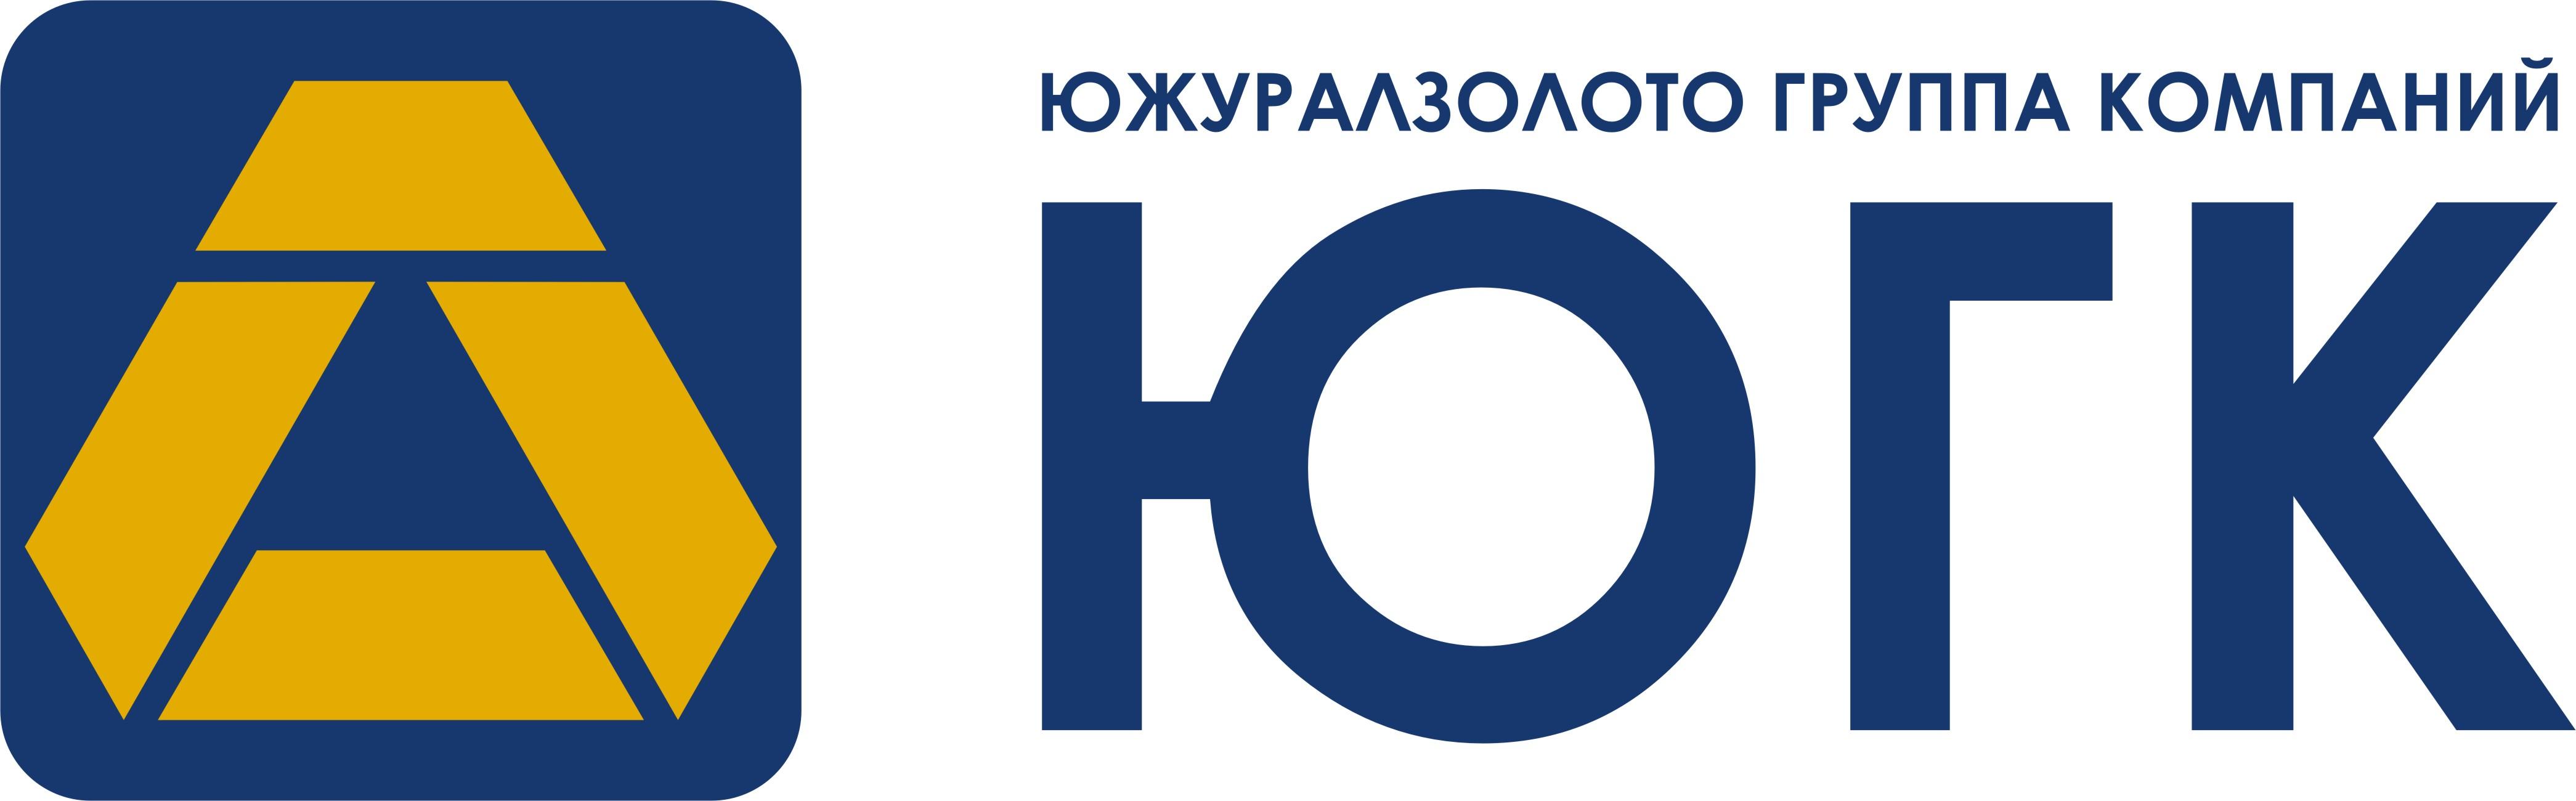 Как сообщил агентству «Урал-пресс-информ» президент ООО «Управляющая компания ЮГК», депутат Закон